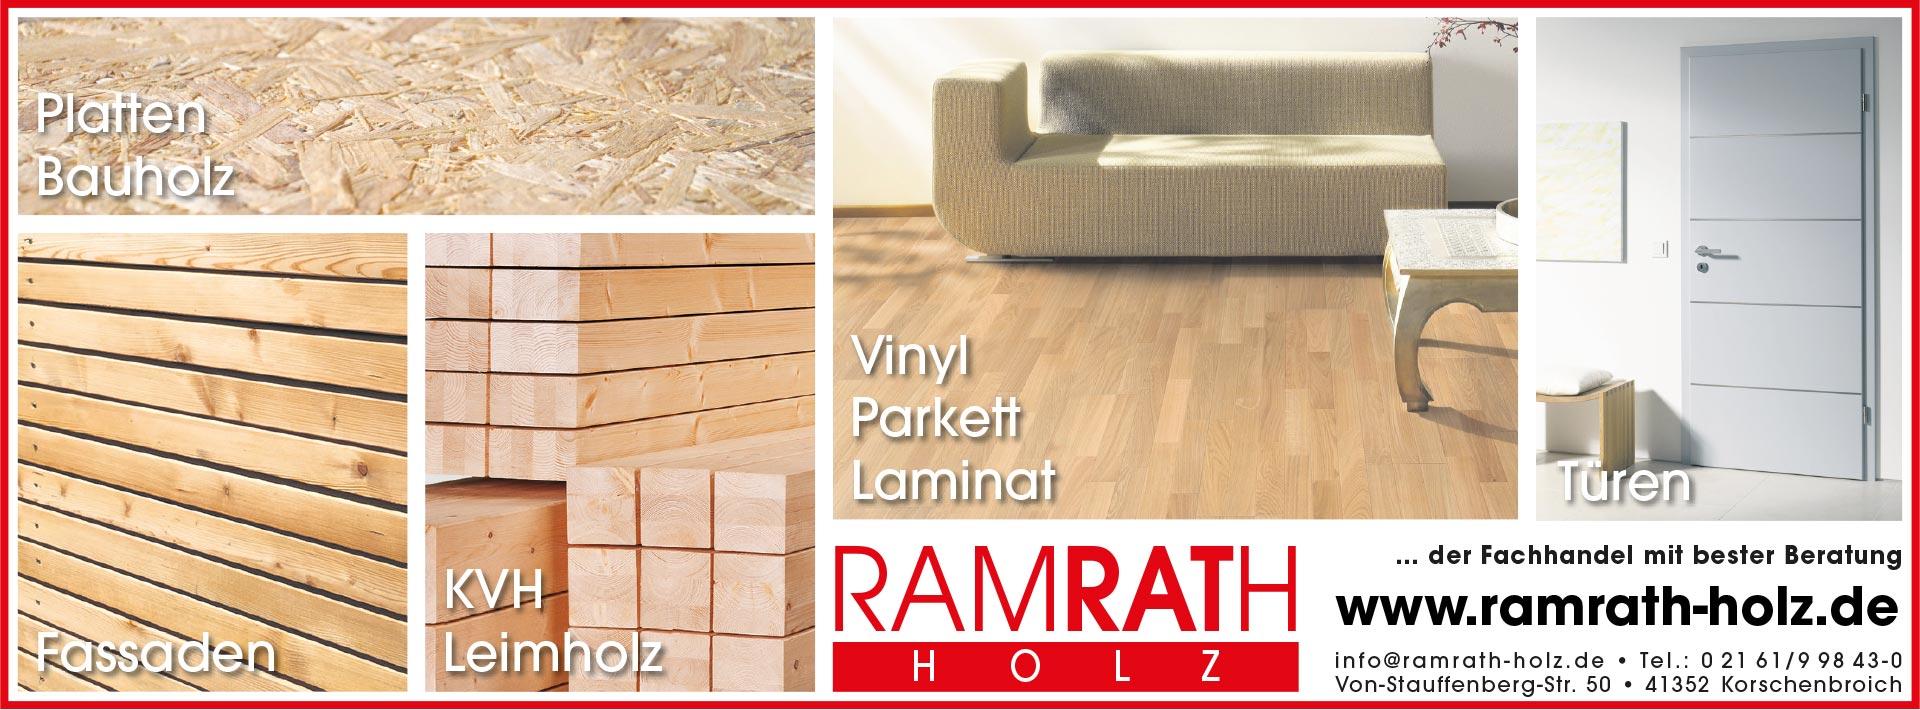 Ramrath-Holz